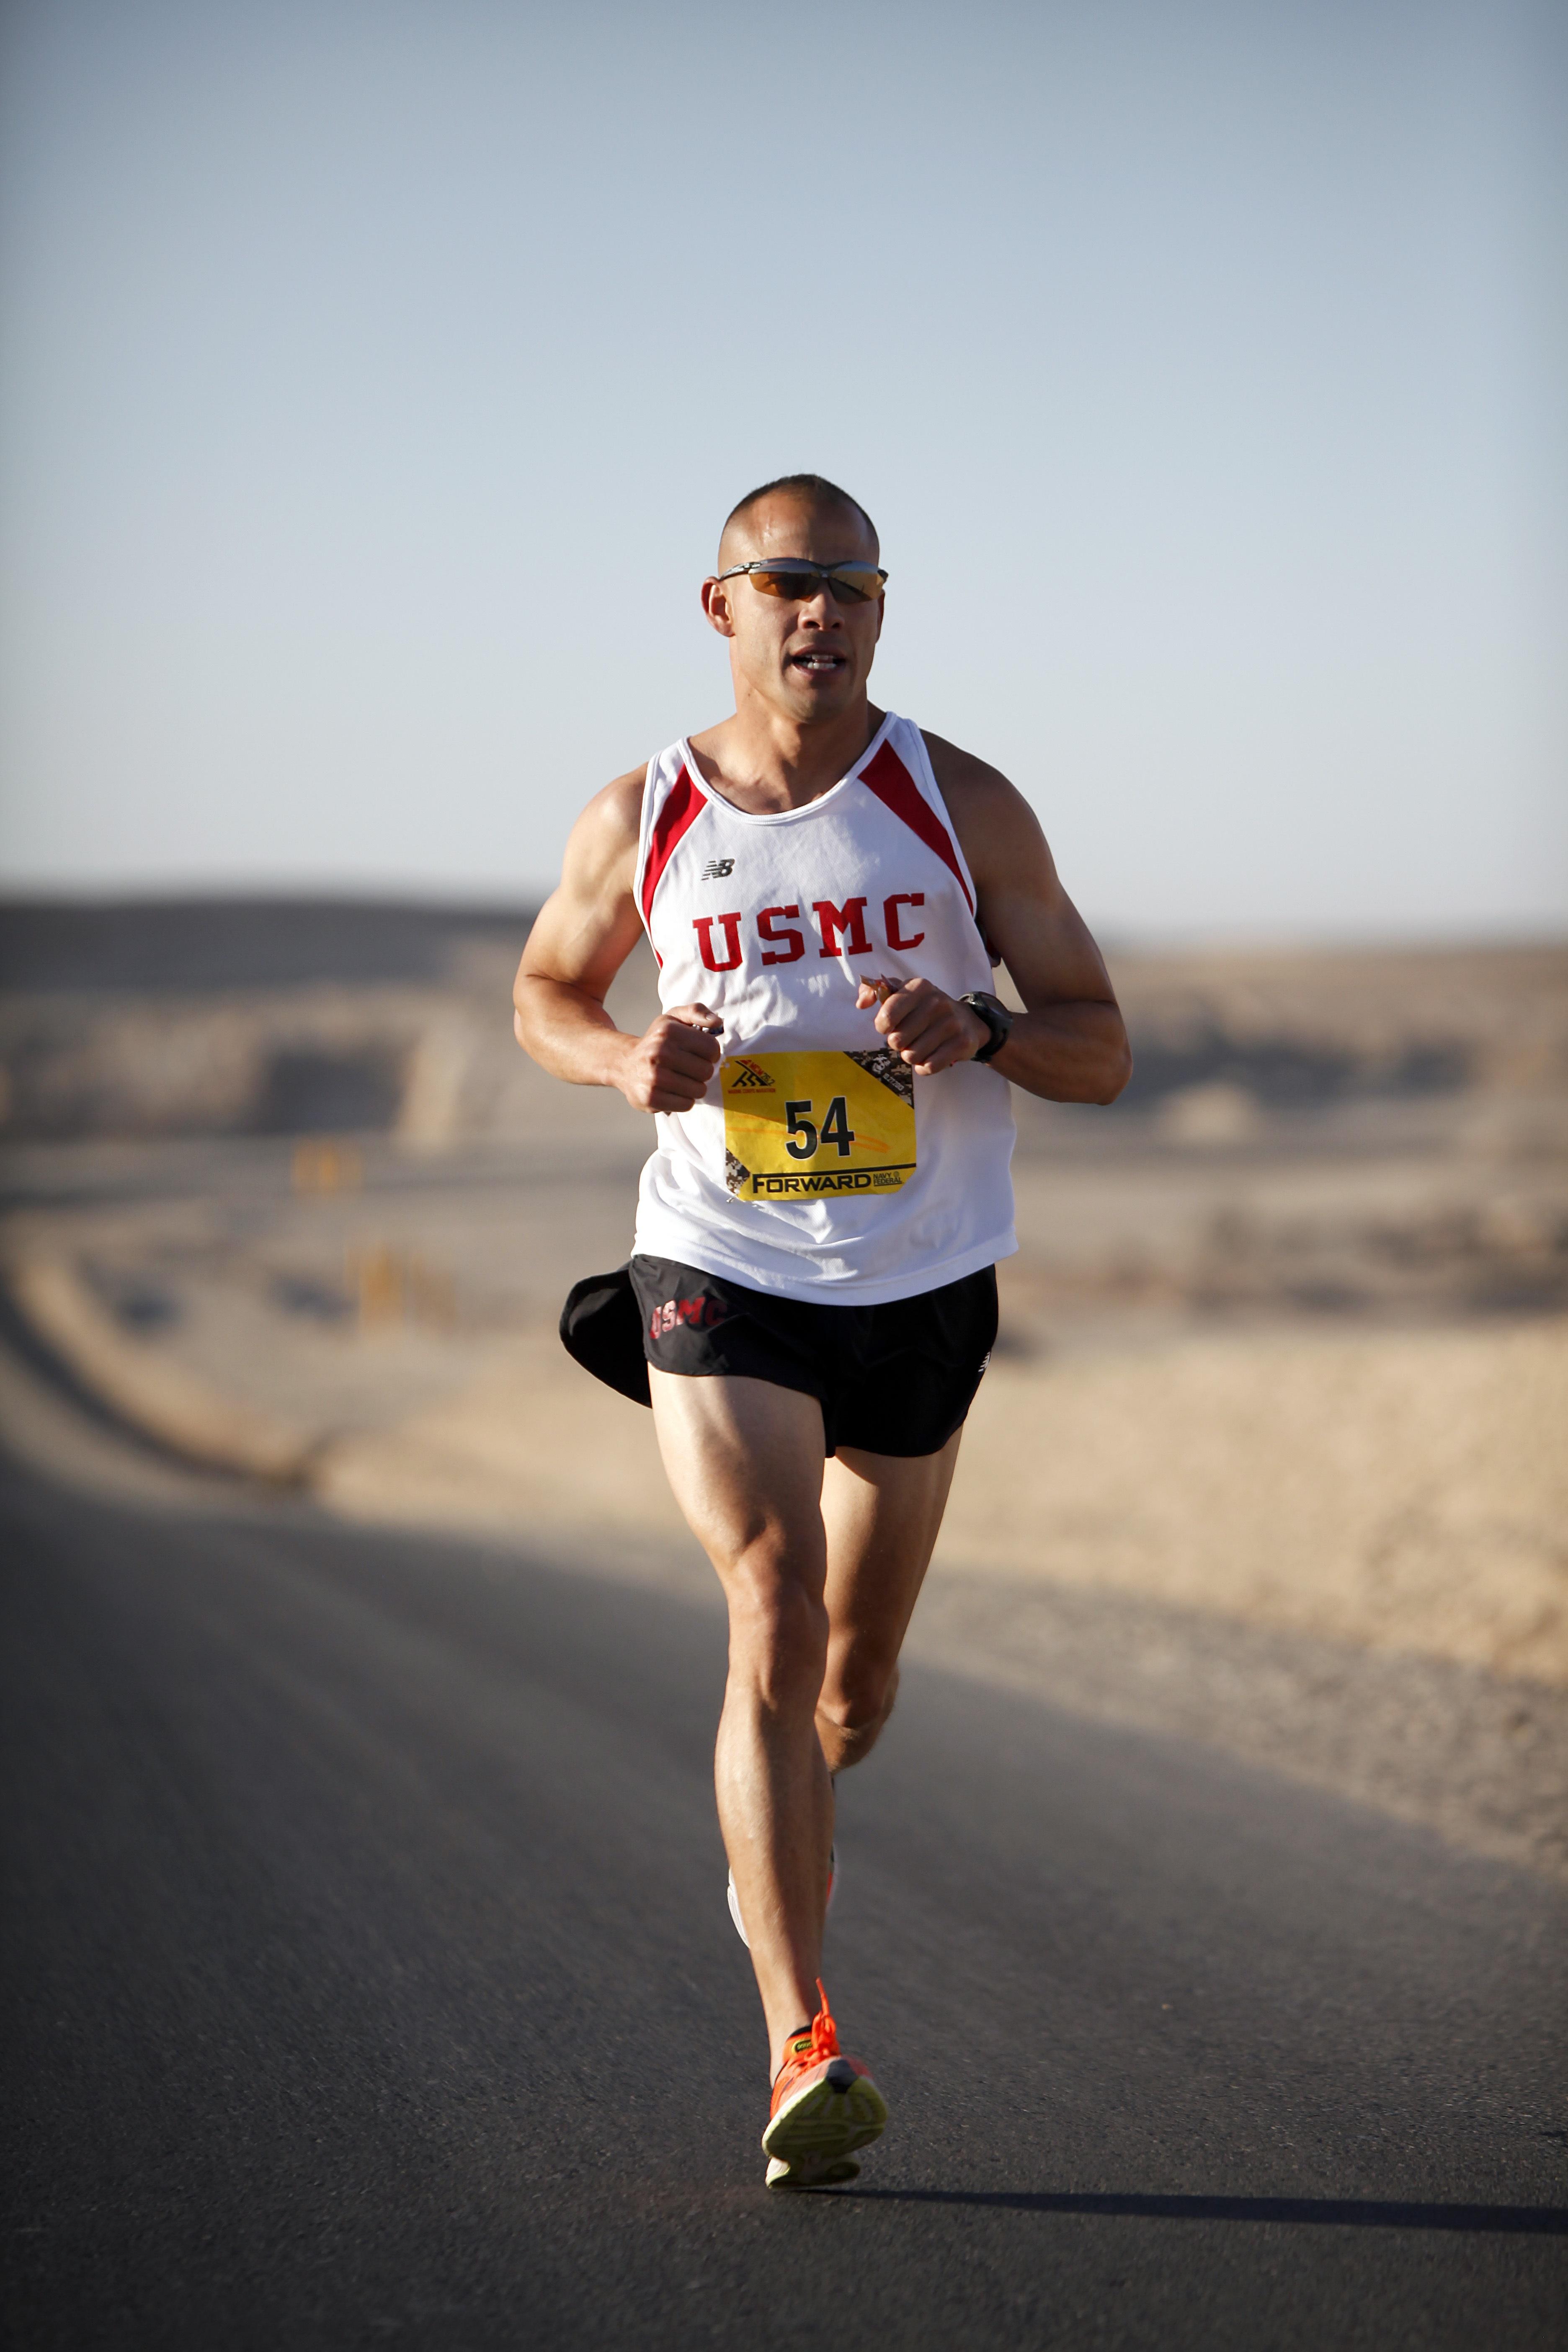 Man Running - Trail Runner Training Stock Photo - Image ... |Marathon Man Running